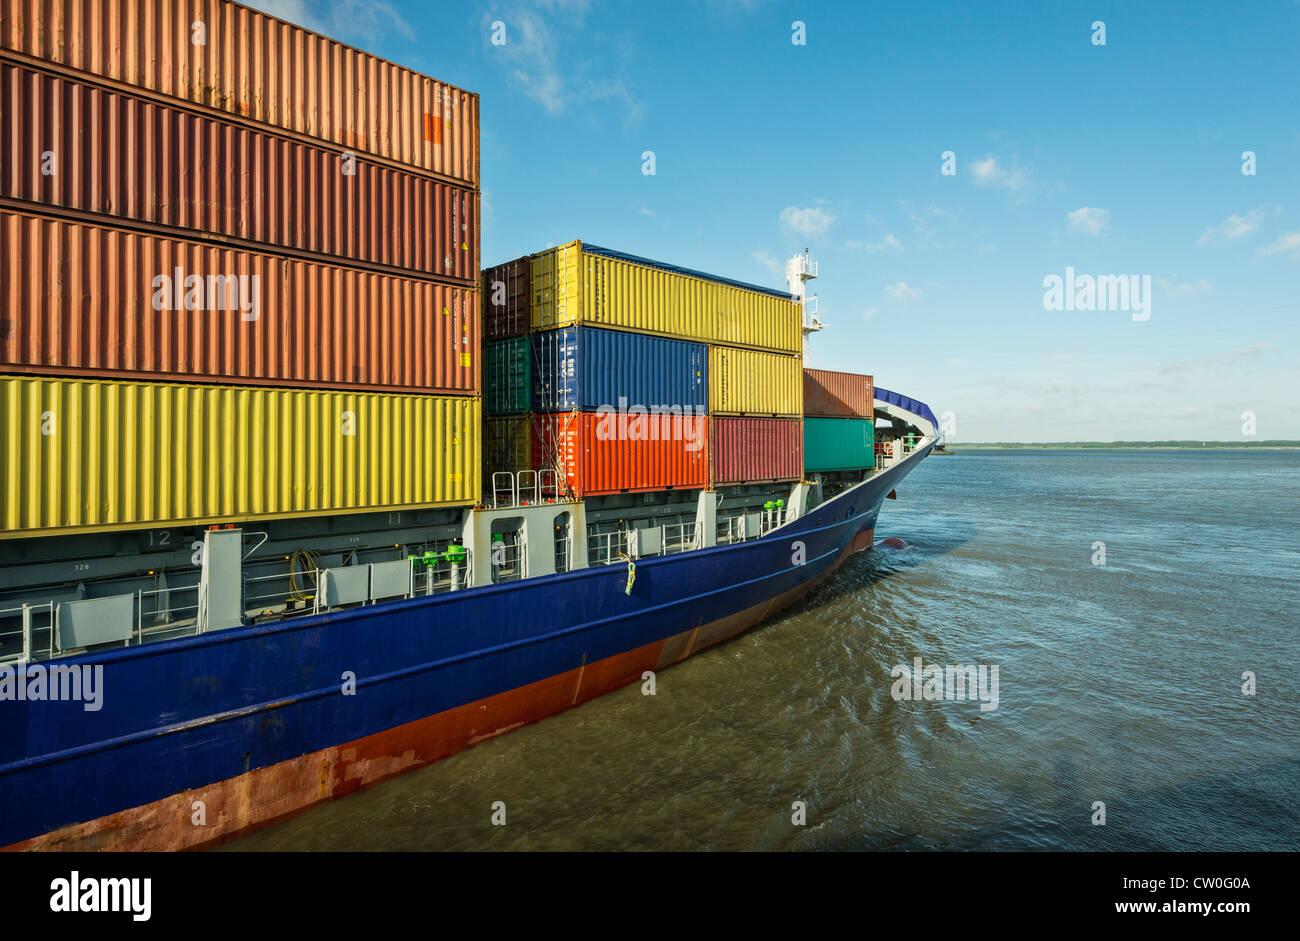 Container-Schiff in den Hafen segeln Stockbild